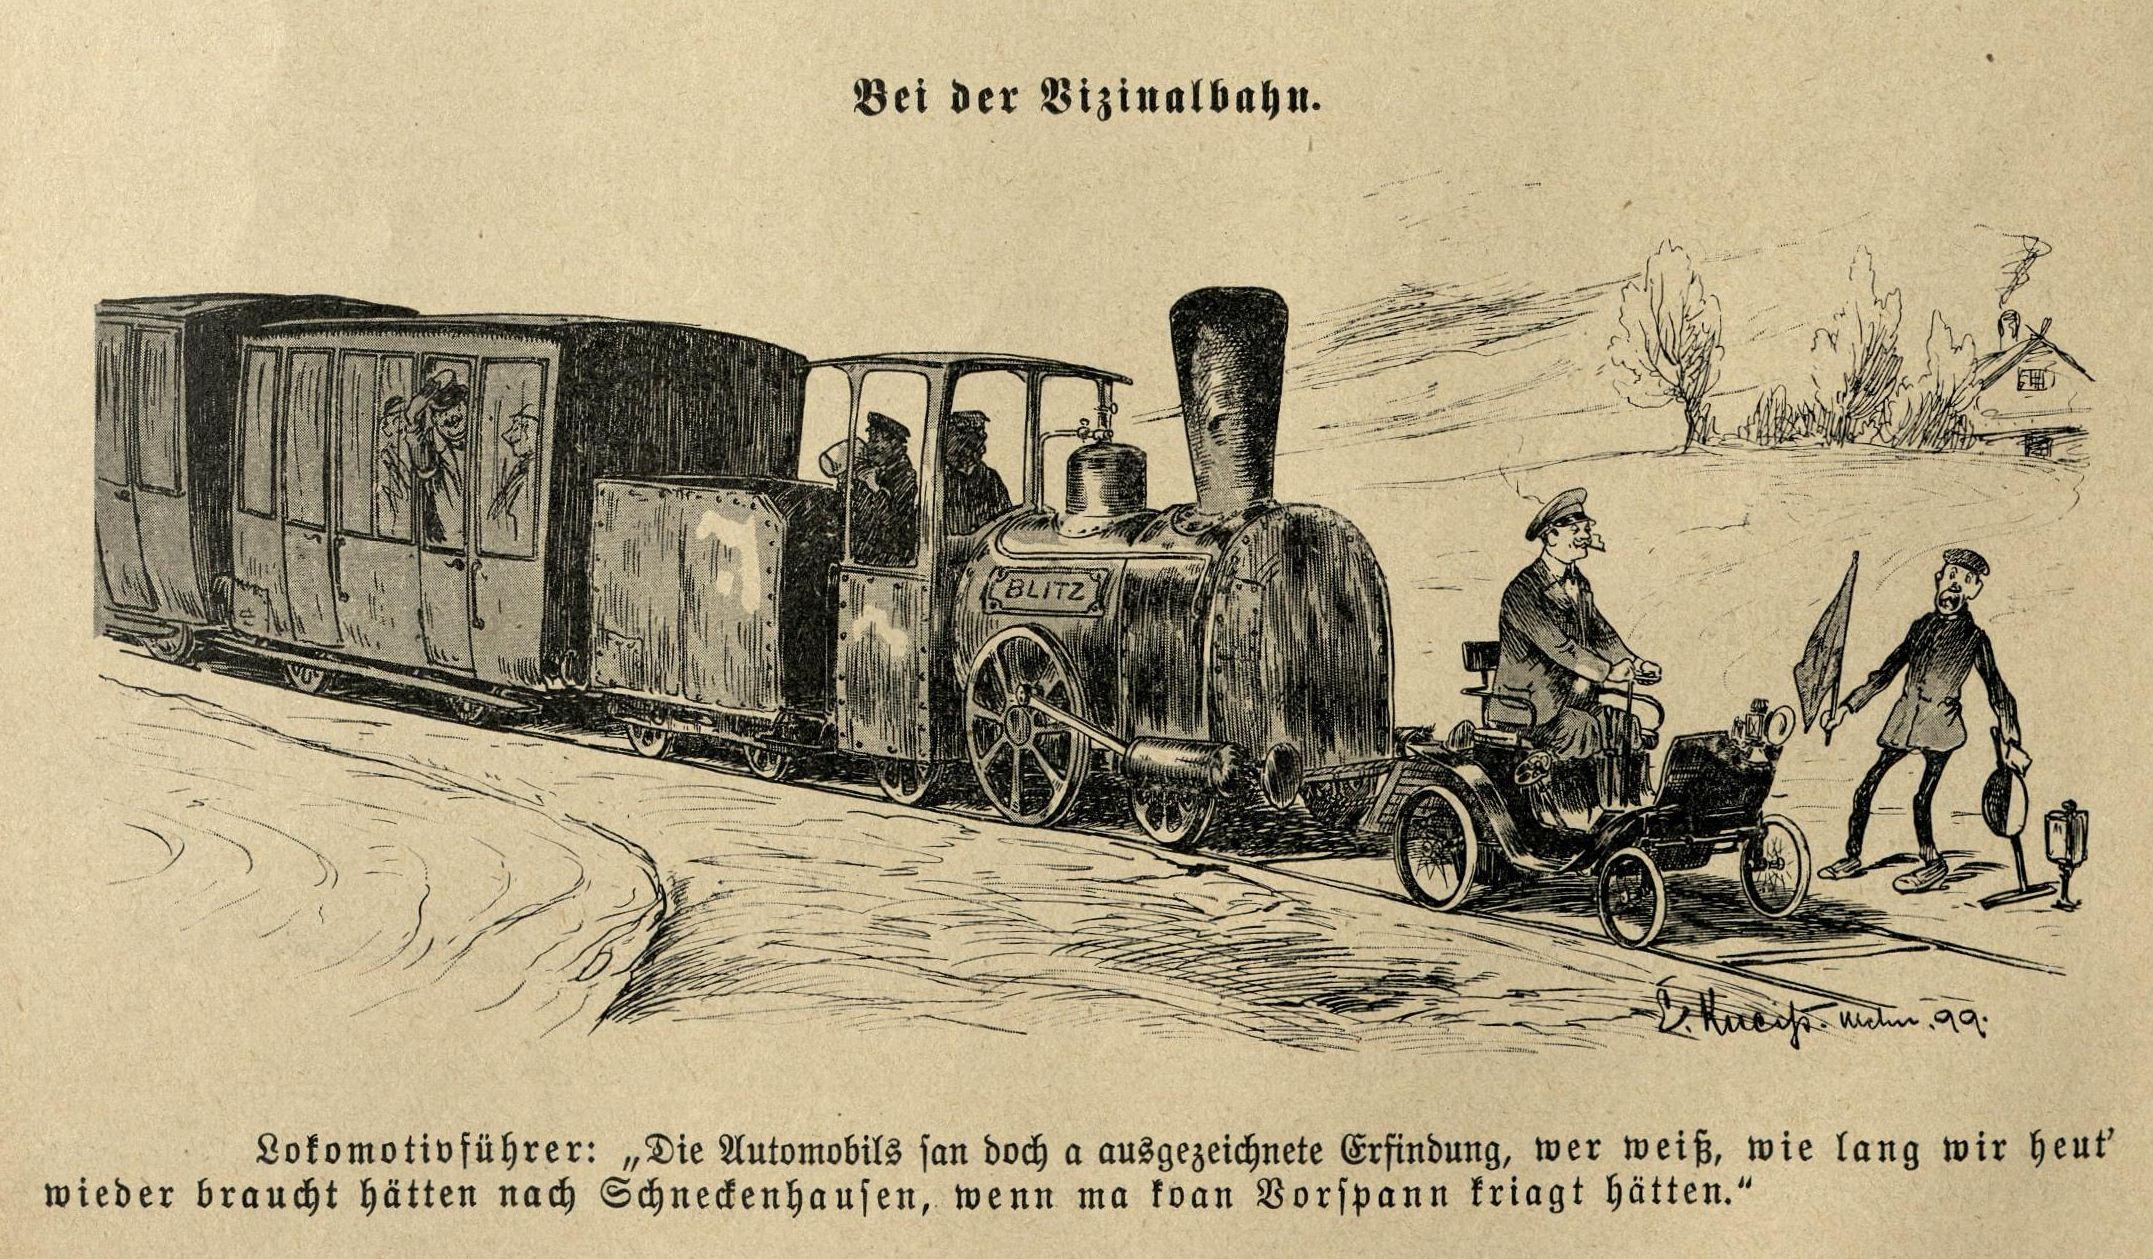 Bilde: Auto als Vorspann der Vizinalbahn